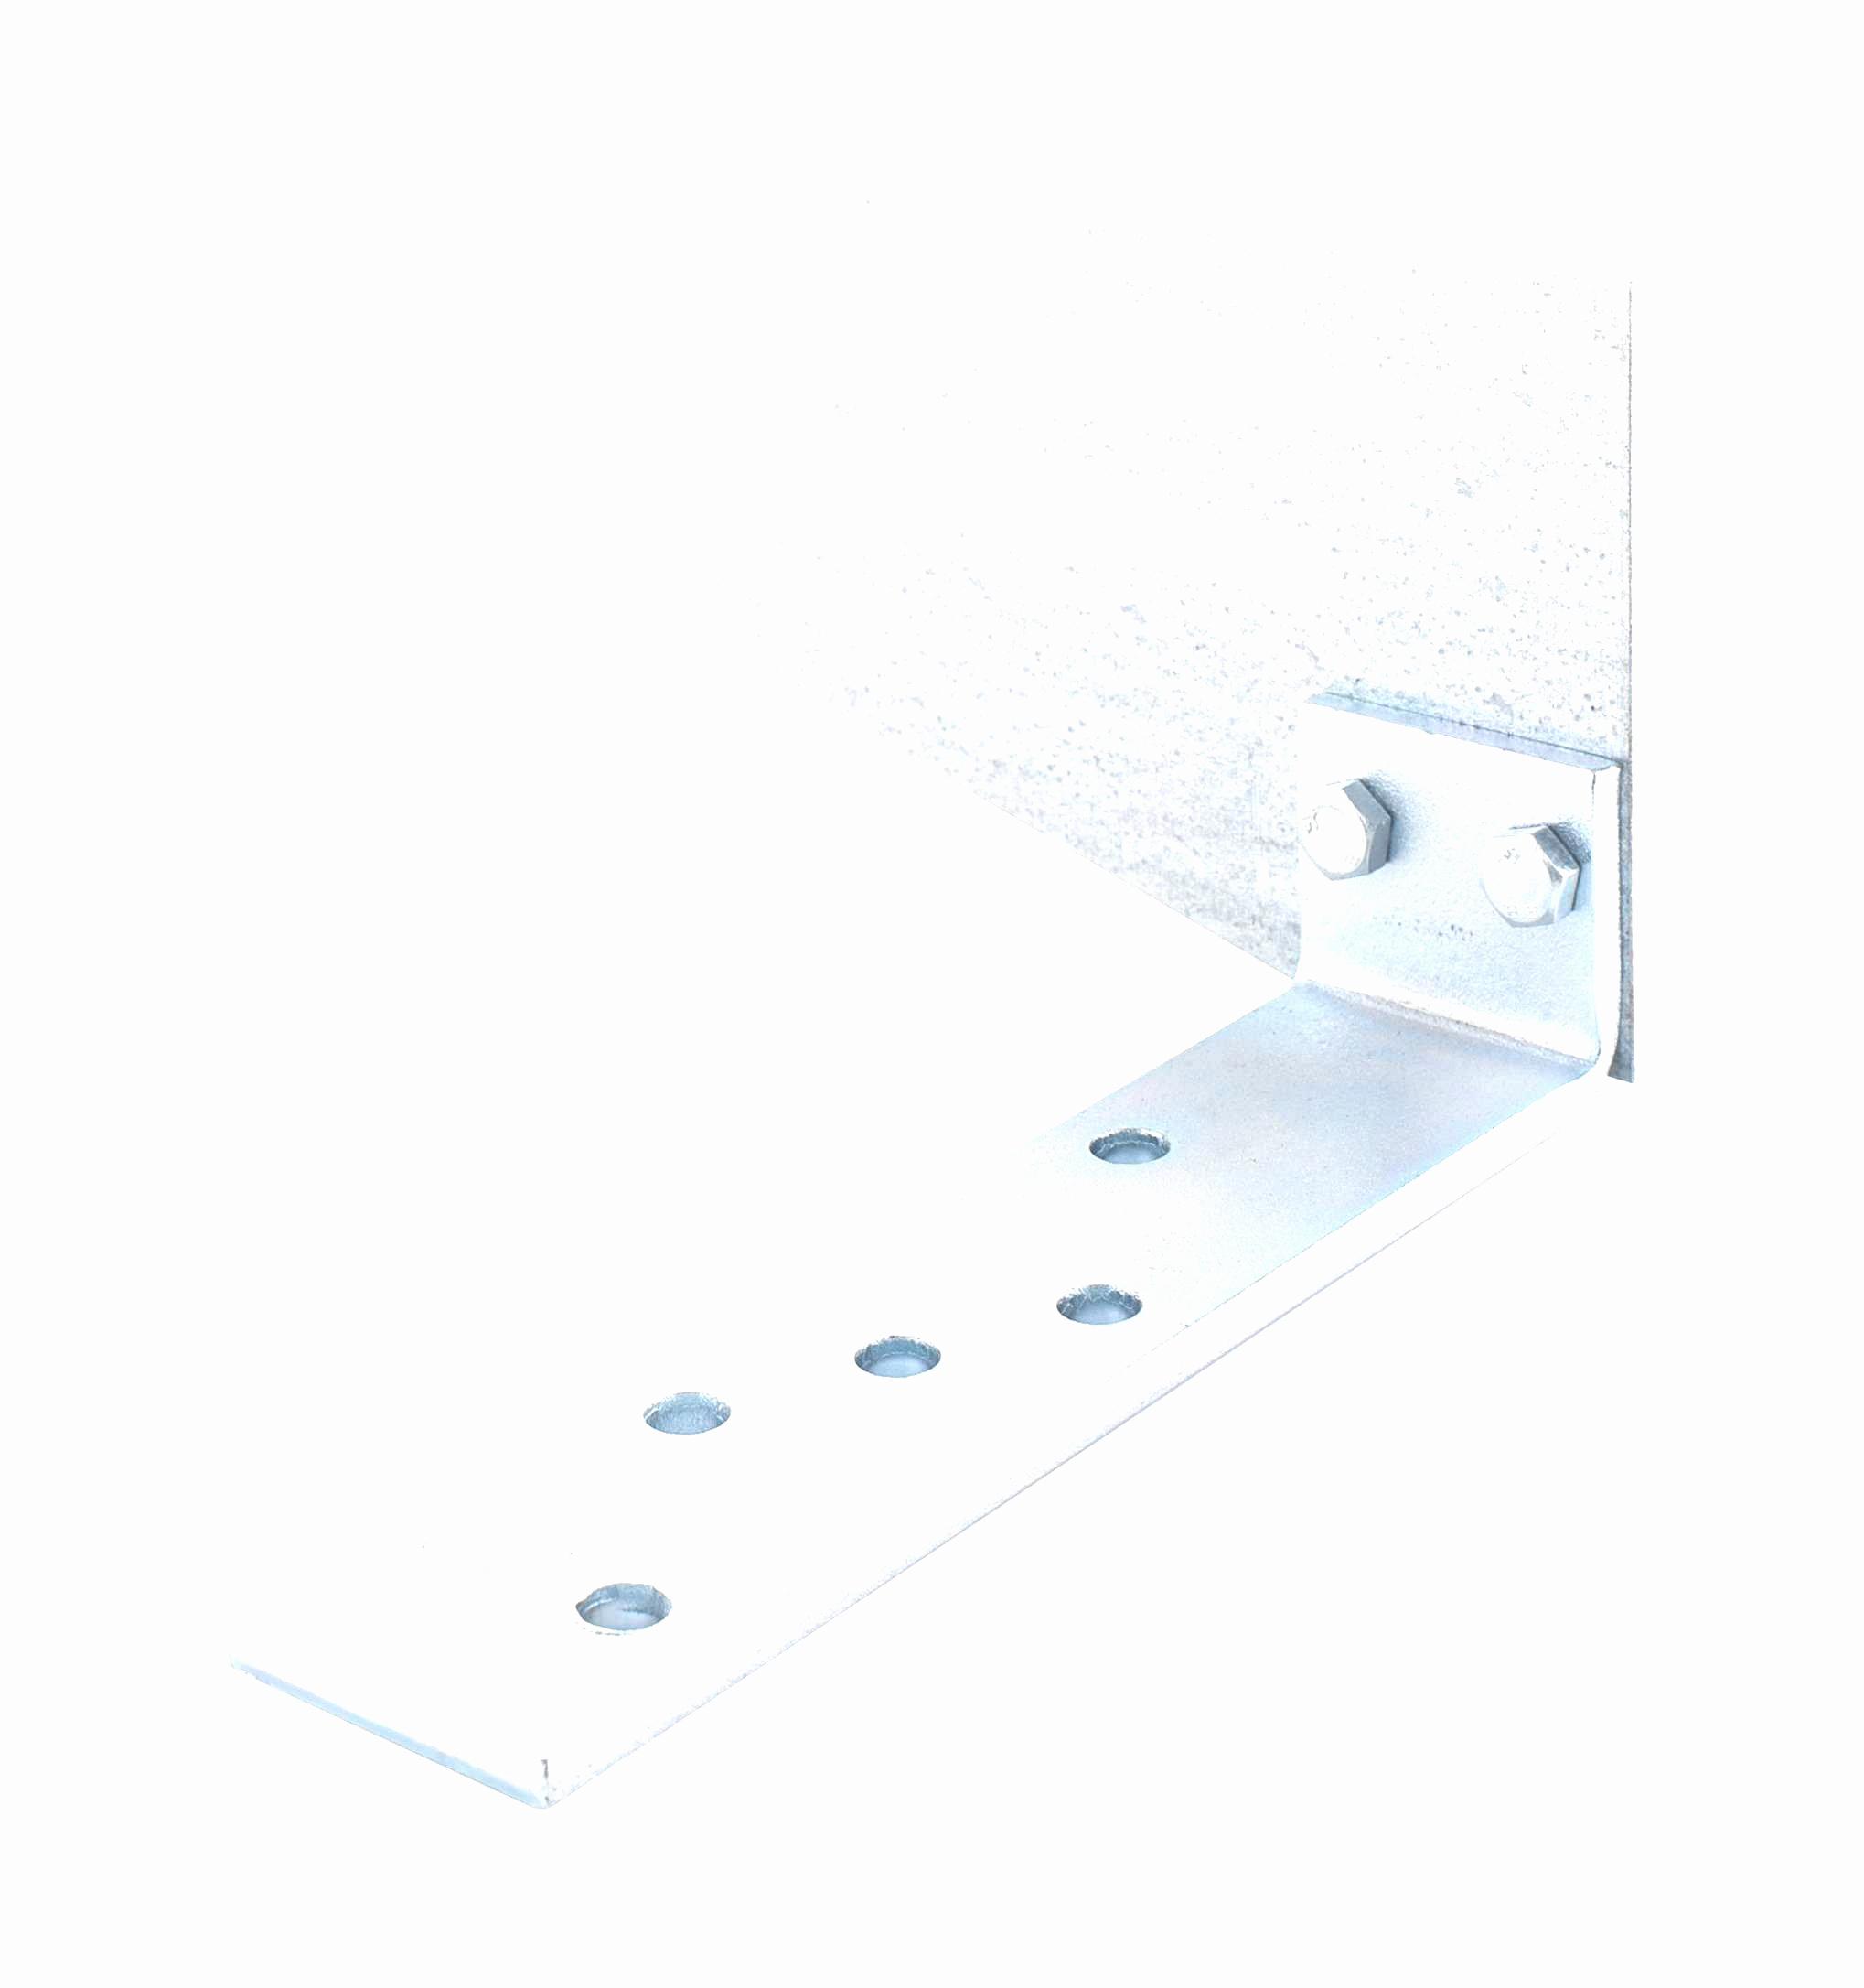 Full Size of Ersatzteile Velux Fenster Velufenster Scheibentausch Bei Einem Veludachfenster Gardinen Schräge Abdunkeln Kunststoff Polnische Jalousien Online Konfigurator Wohnzimmer Ersatzteile Velux Fenster